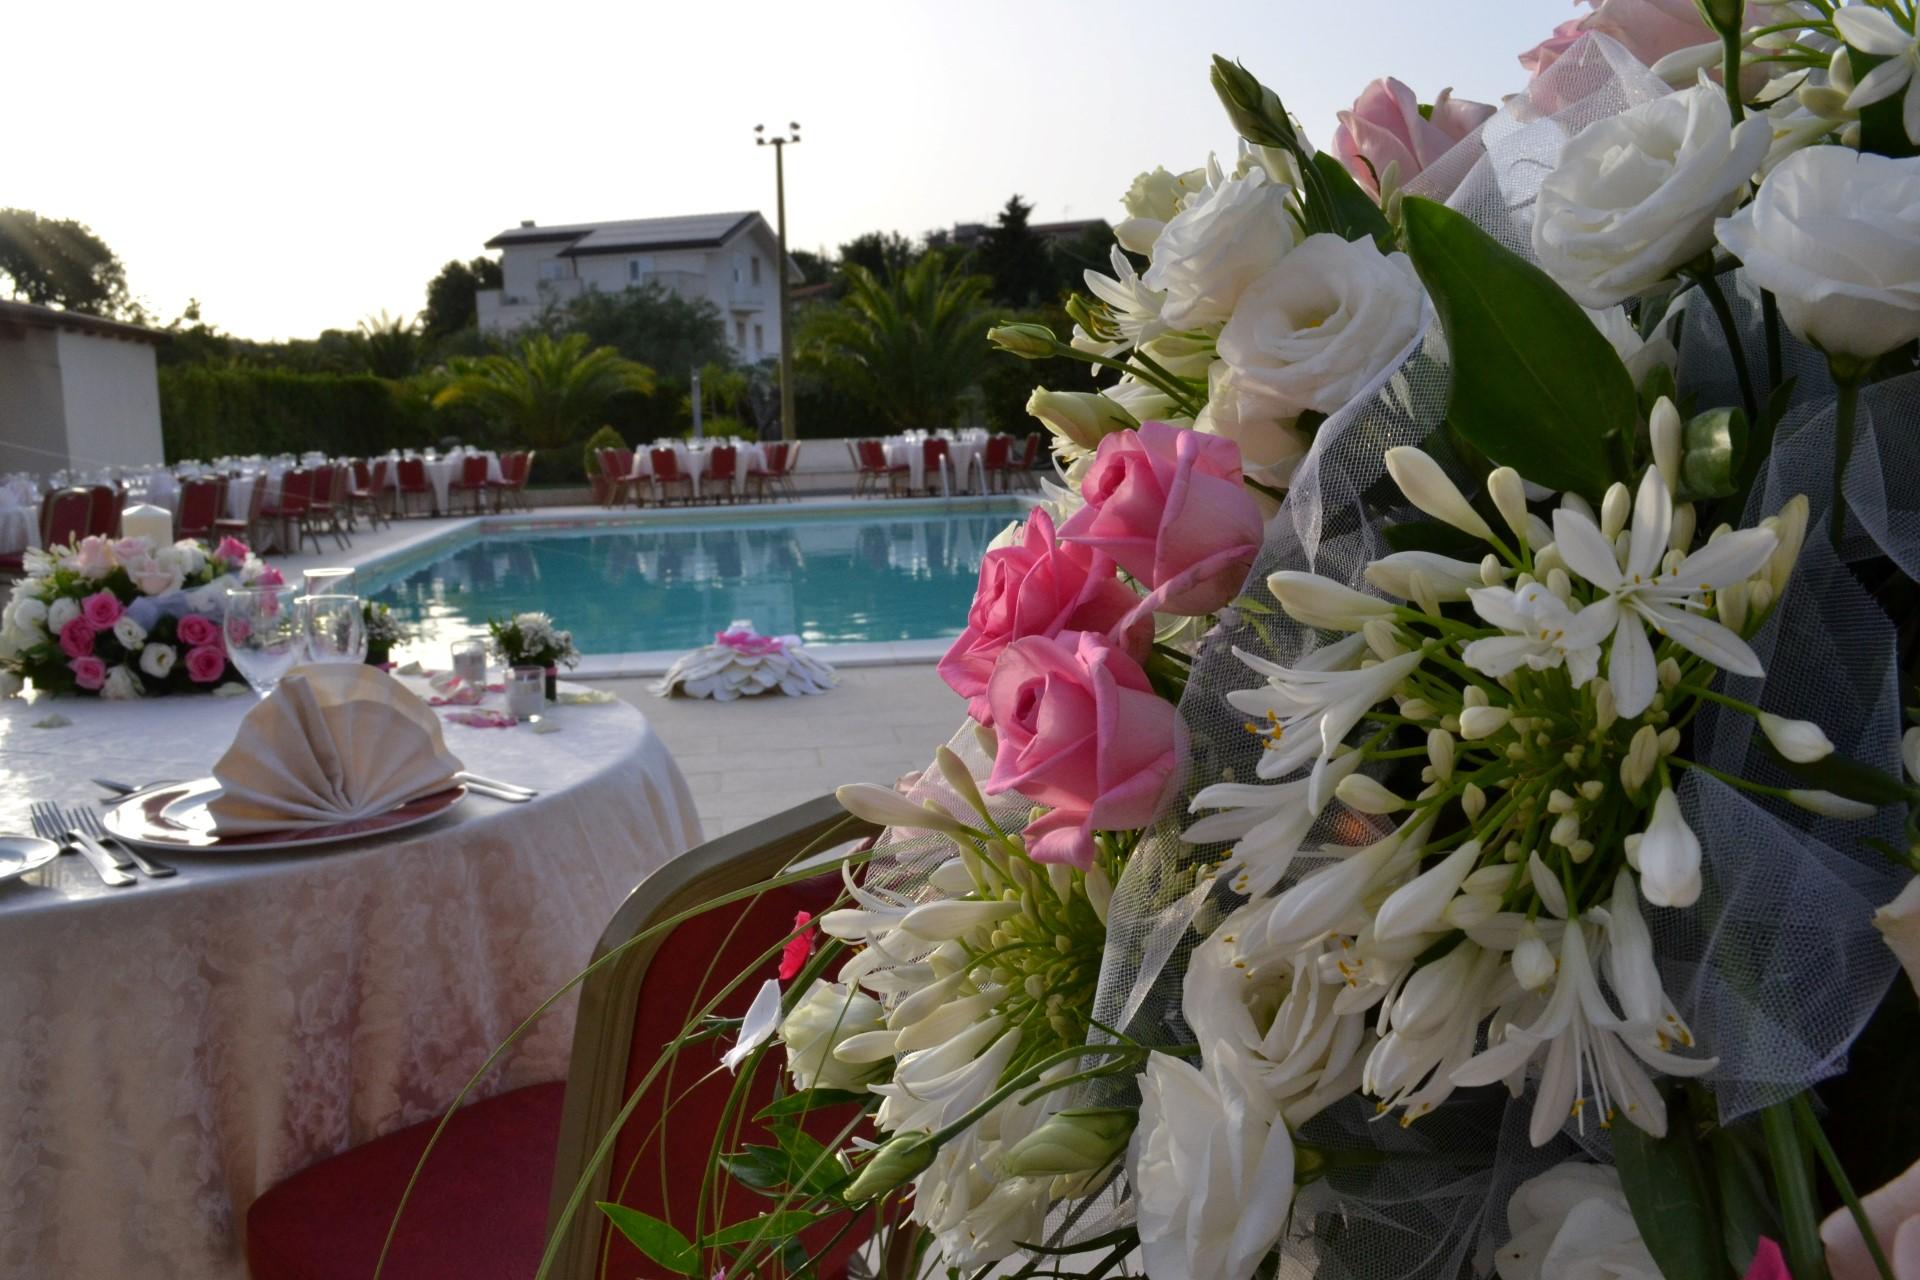 Le Magnolie Boutique Hotel a Modica | Vacanza ideale tra natura e relax